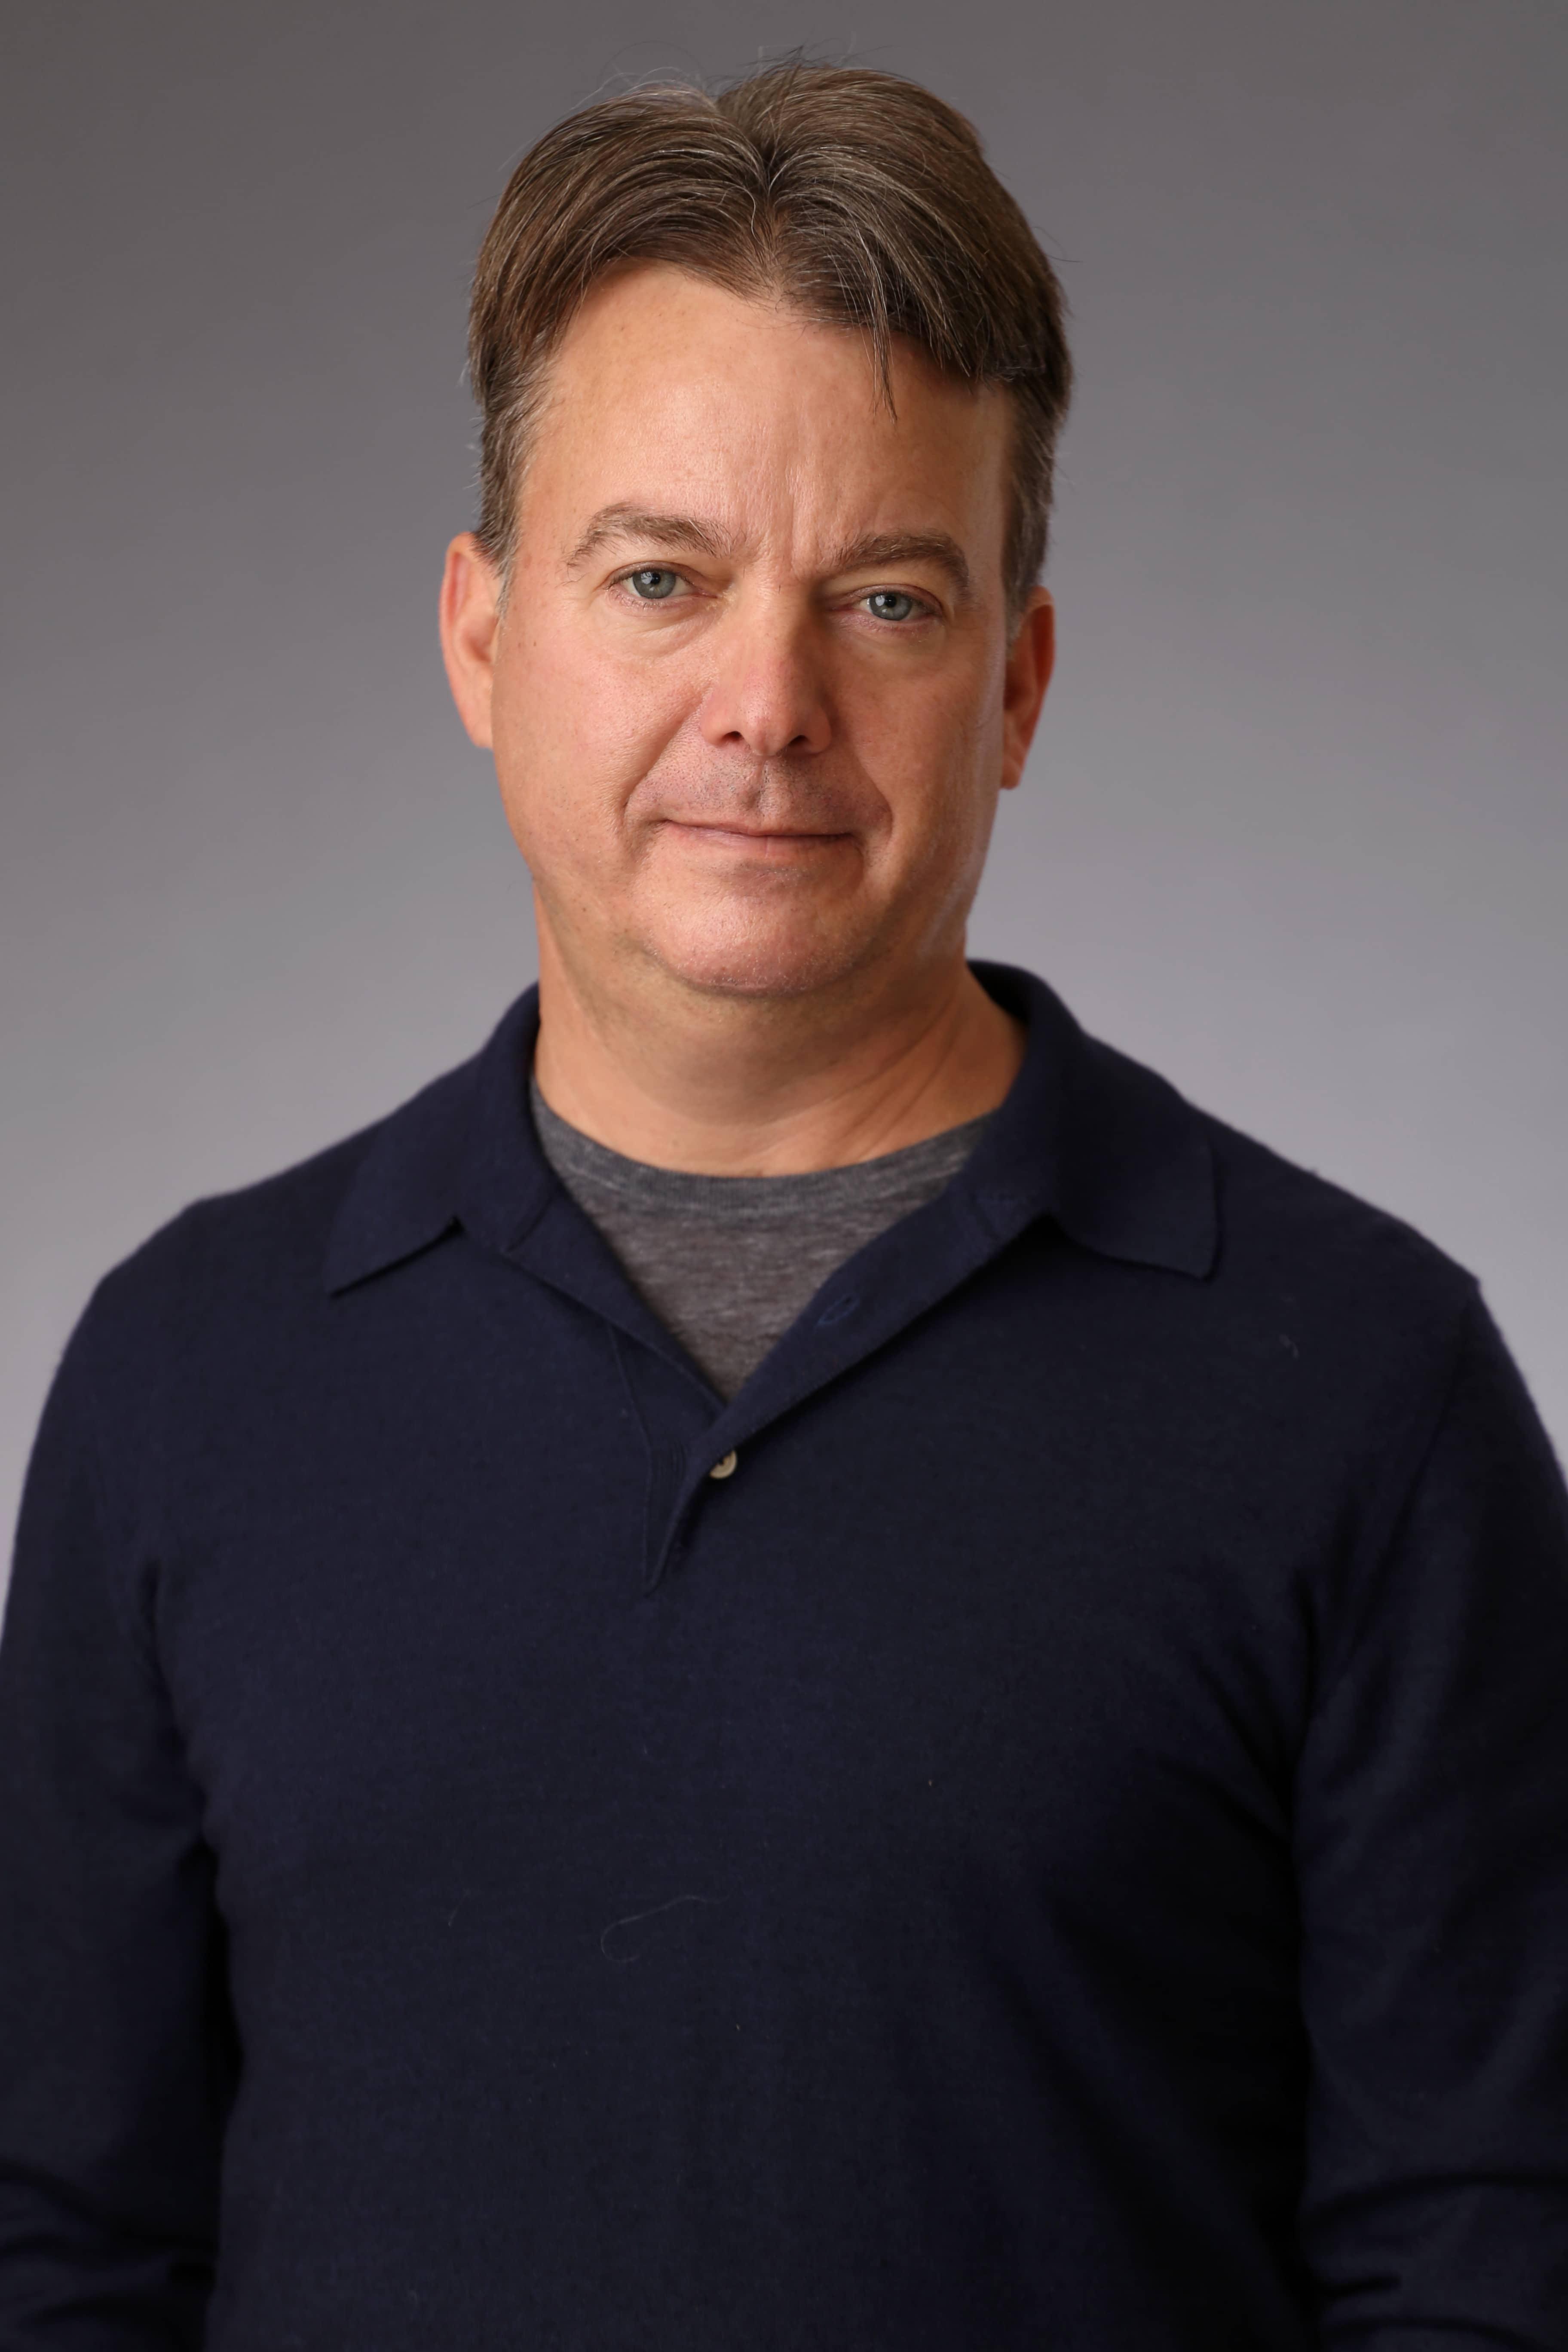 Matt Goddard